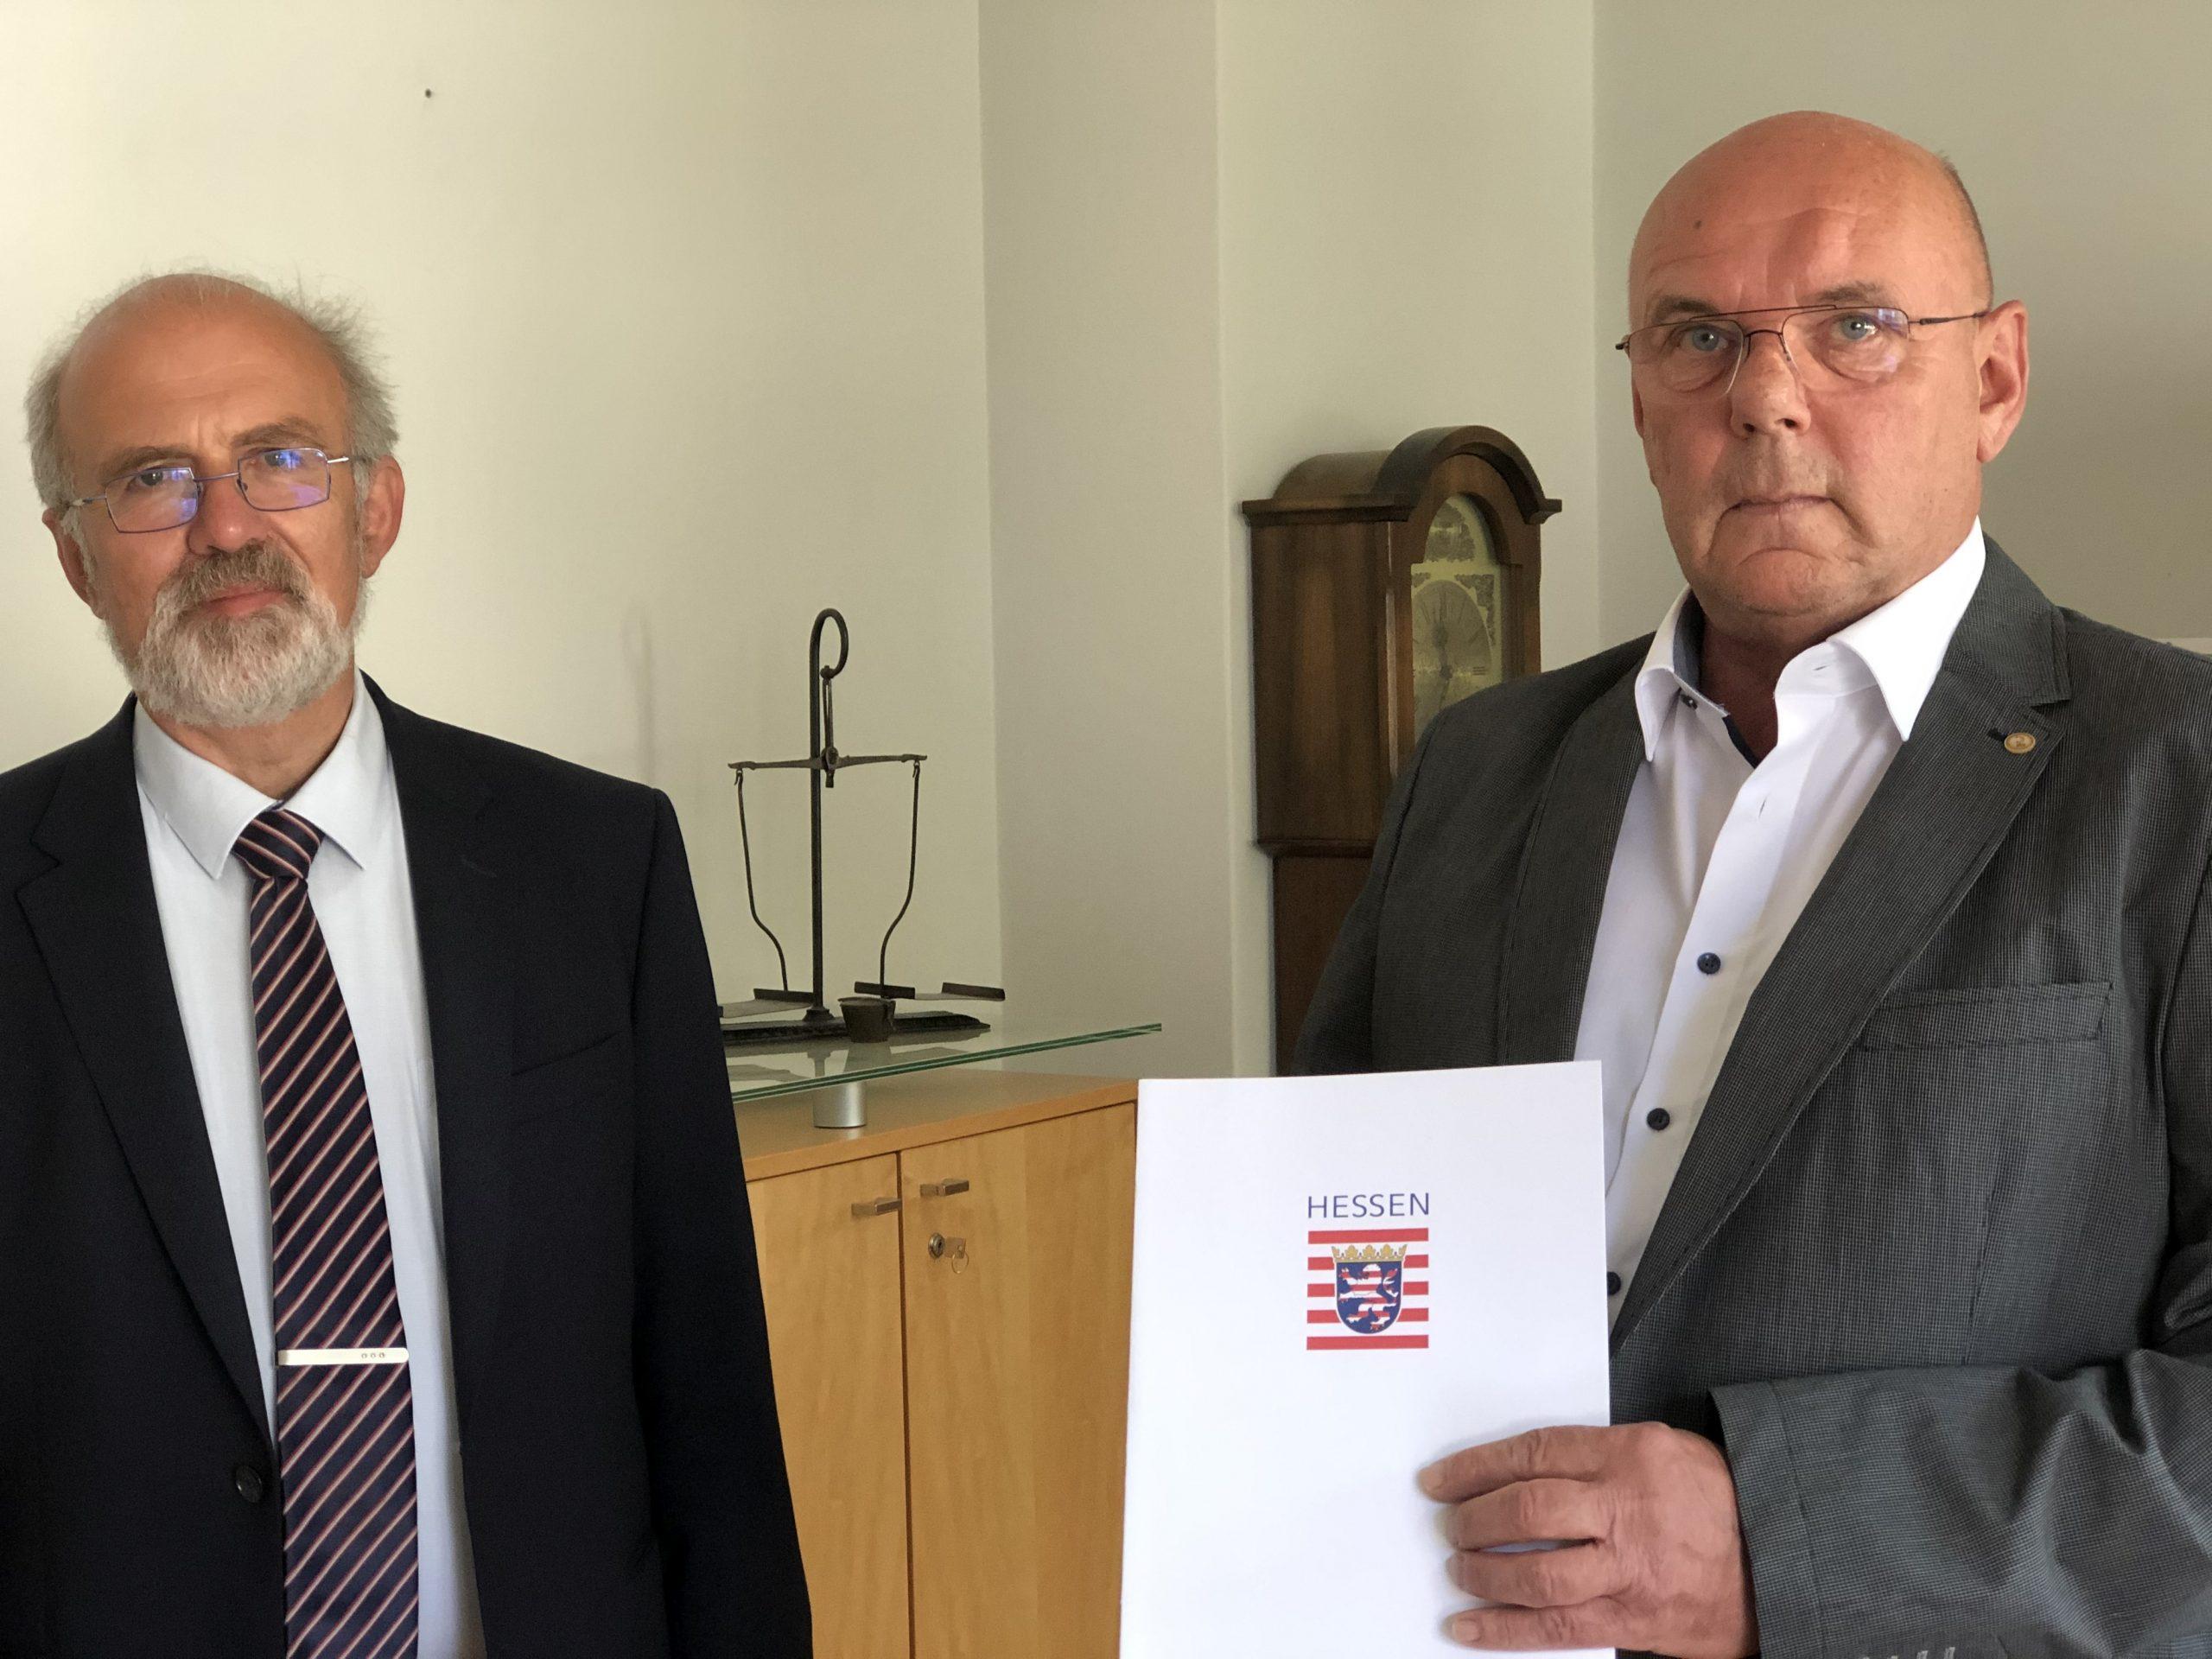 Wissenbachs Ortsgericht ist wieder komplett: Dietrich Sommer (rechts) erhält die Ernennungsurkunde aus der Hand des neuen Amtsgerichts-Direktors Reinhard Grün.